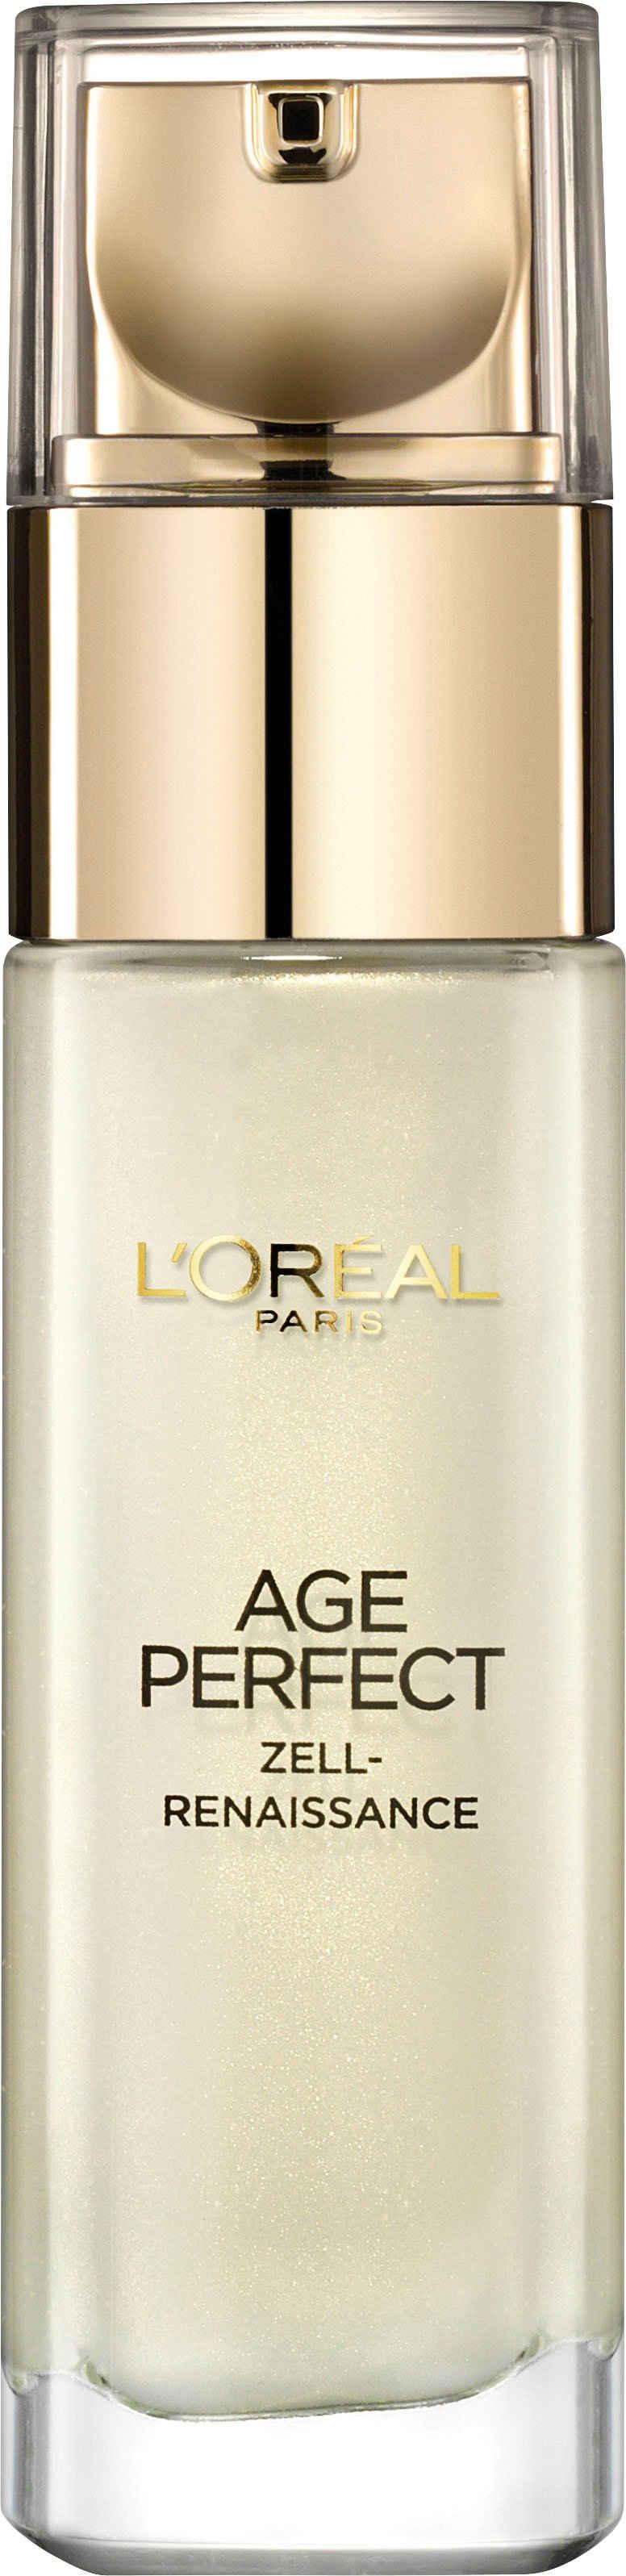 L'ORÉAL PARIS Gesichtsserum »Age Perfect Zell-Renaissance«